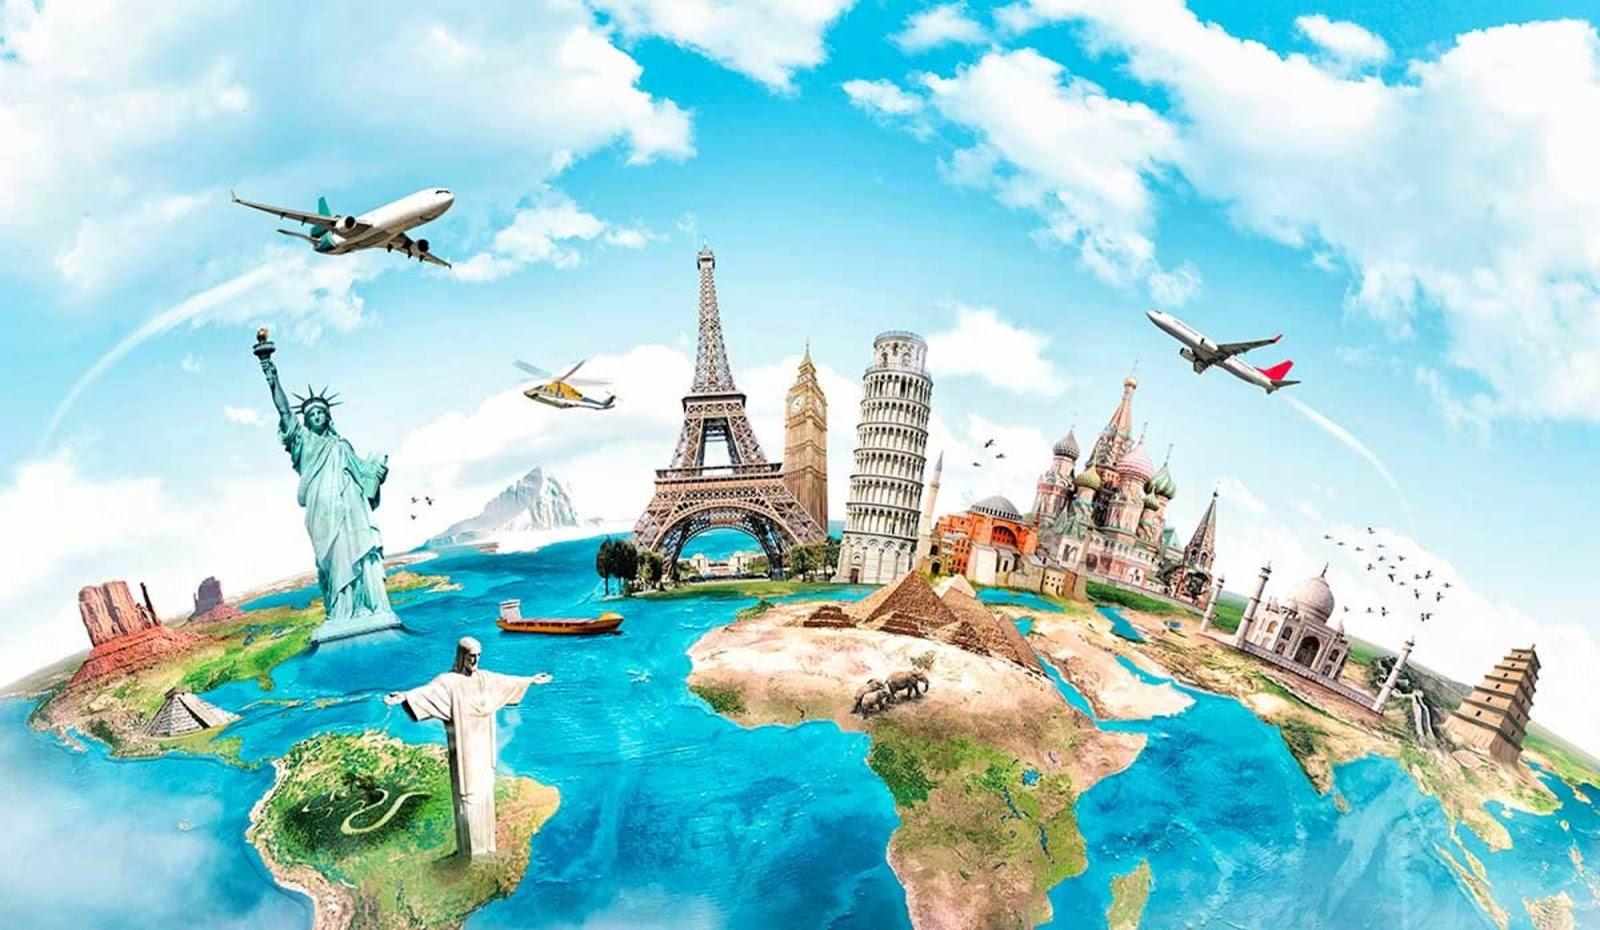 صورة موضوع تعبير عن السياحة , صيغة رائعه لموضوع تعبير يتناول السياحه